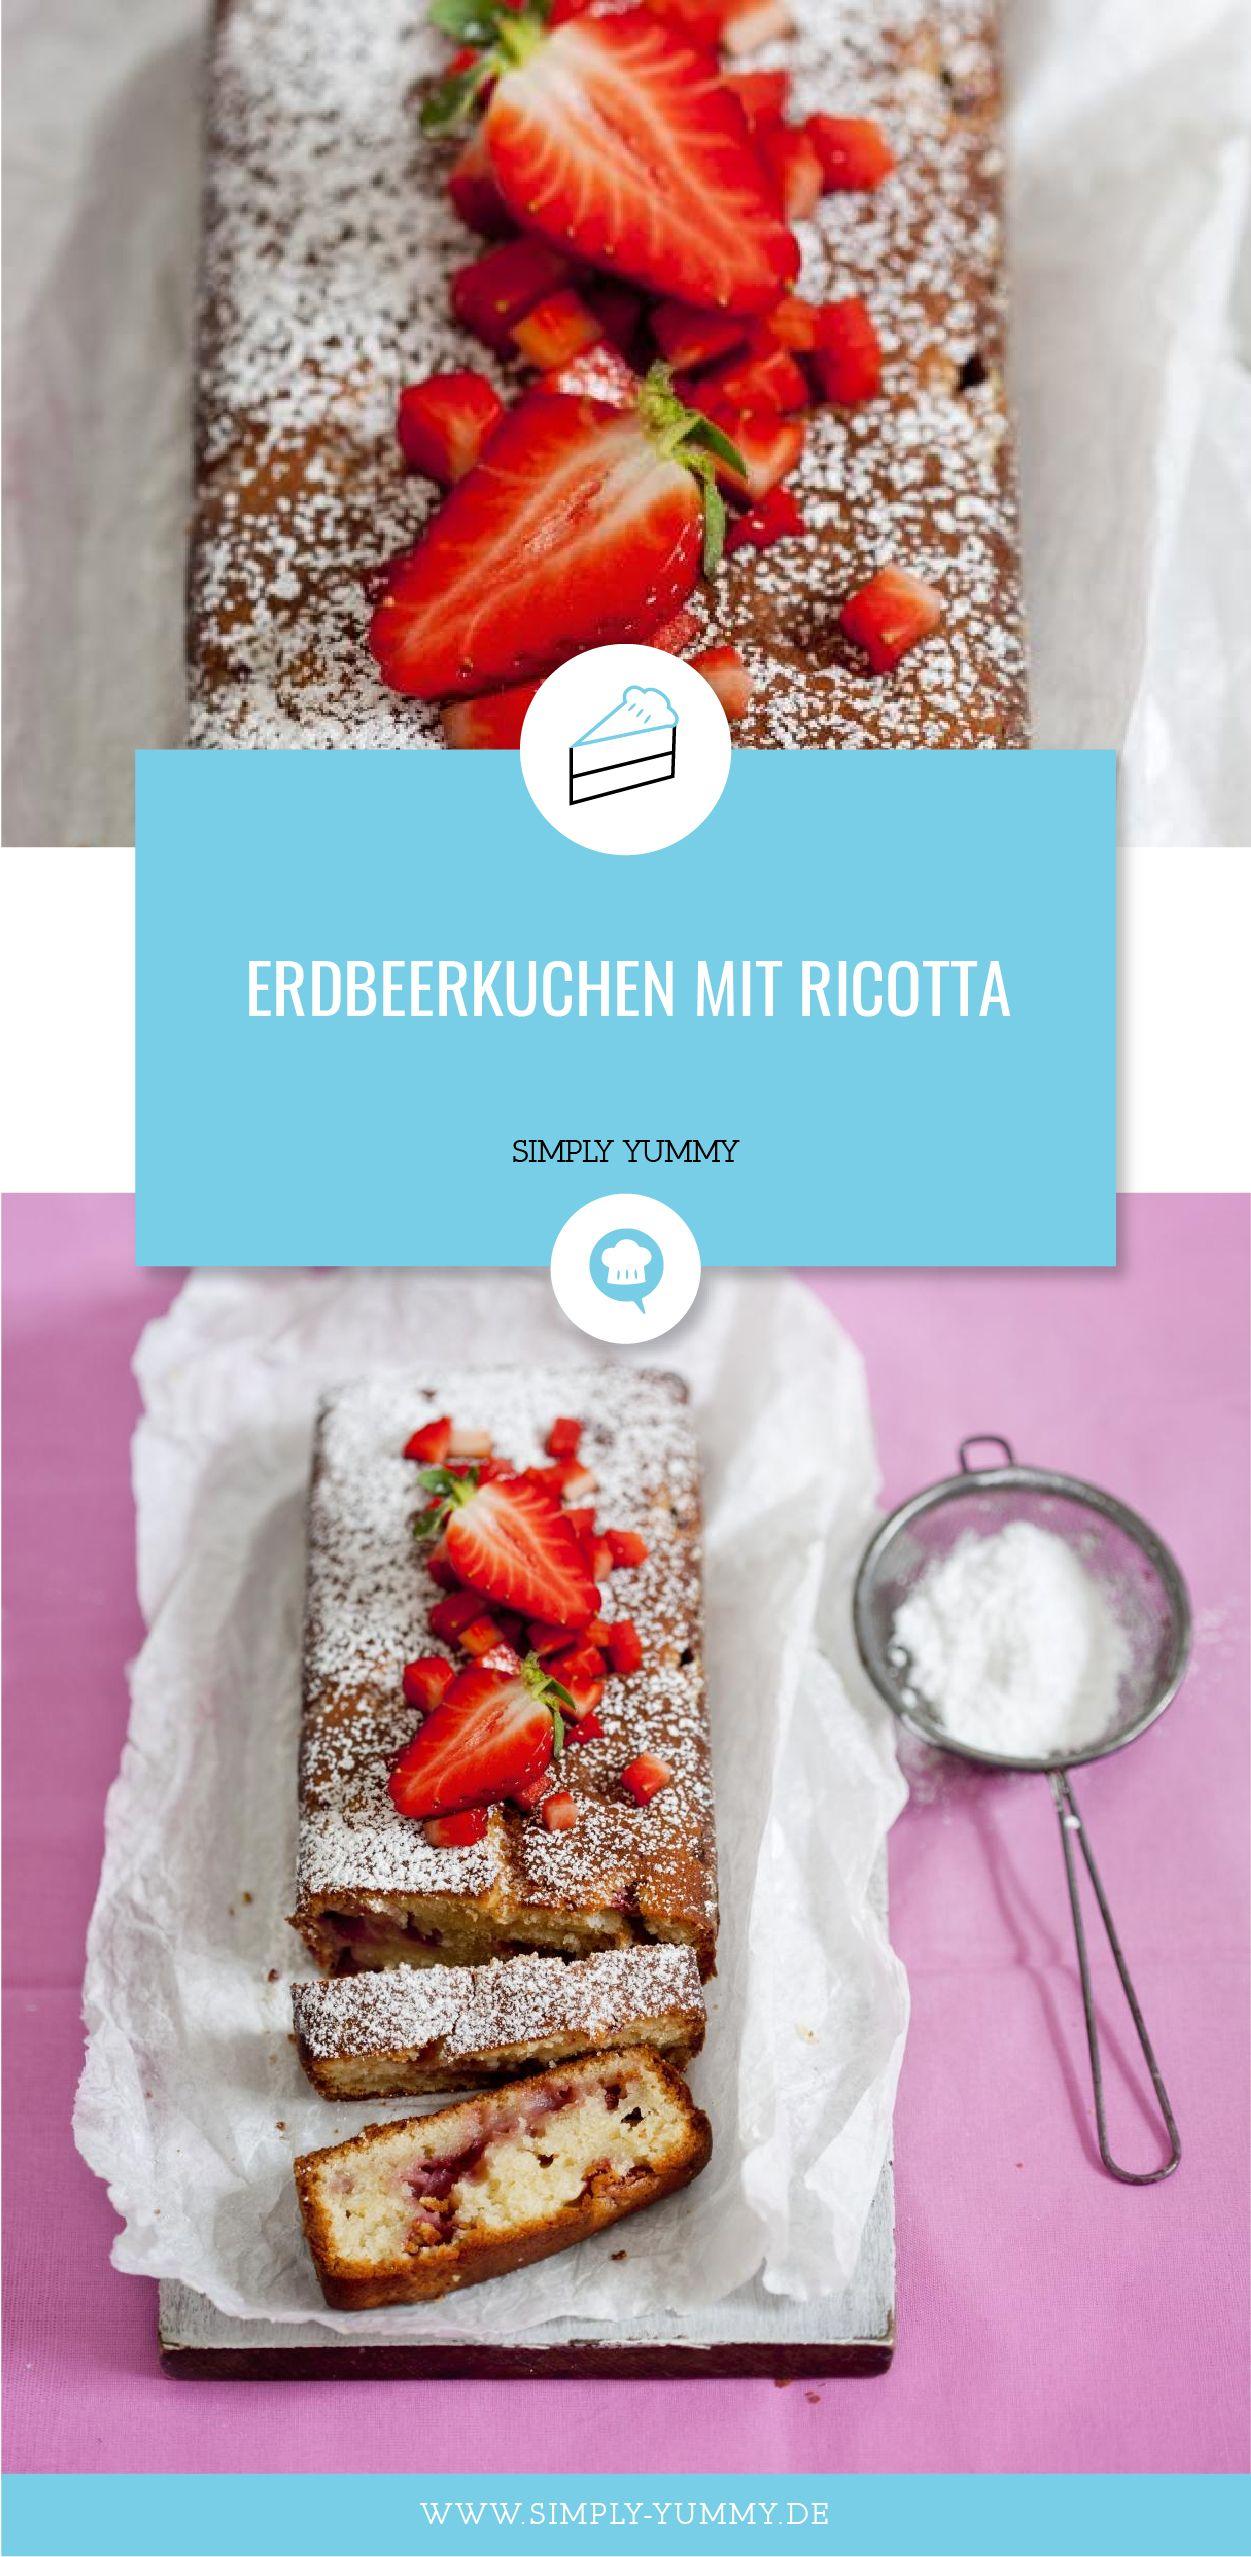 Erdbeerkuchen Einfach Saftig Zubereiten Mit Ricotta Rezept In 2020 Erdbeerkuchen Erdbeeren Und Erdbeer Kuchen